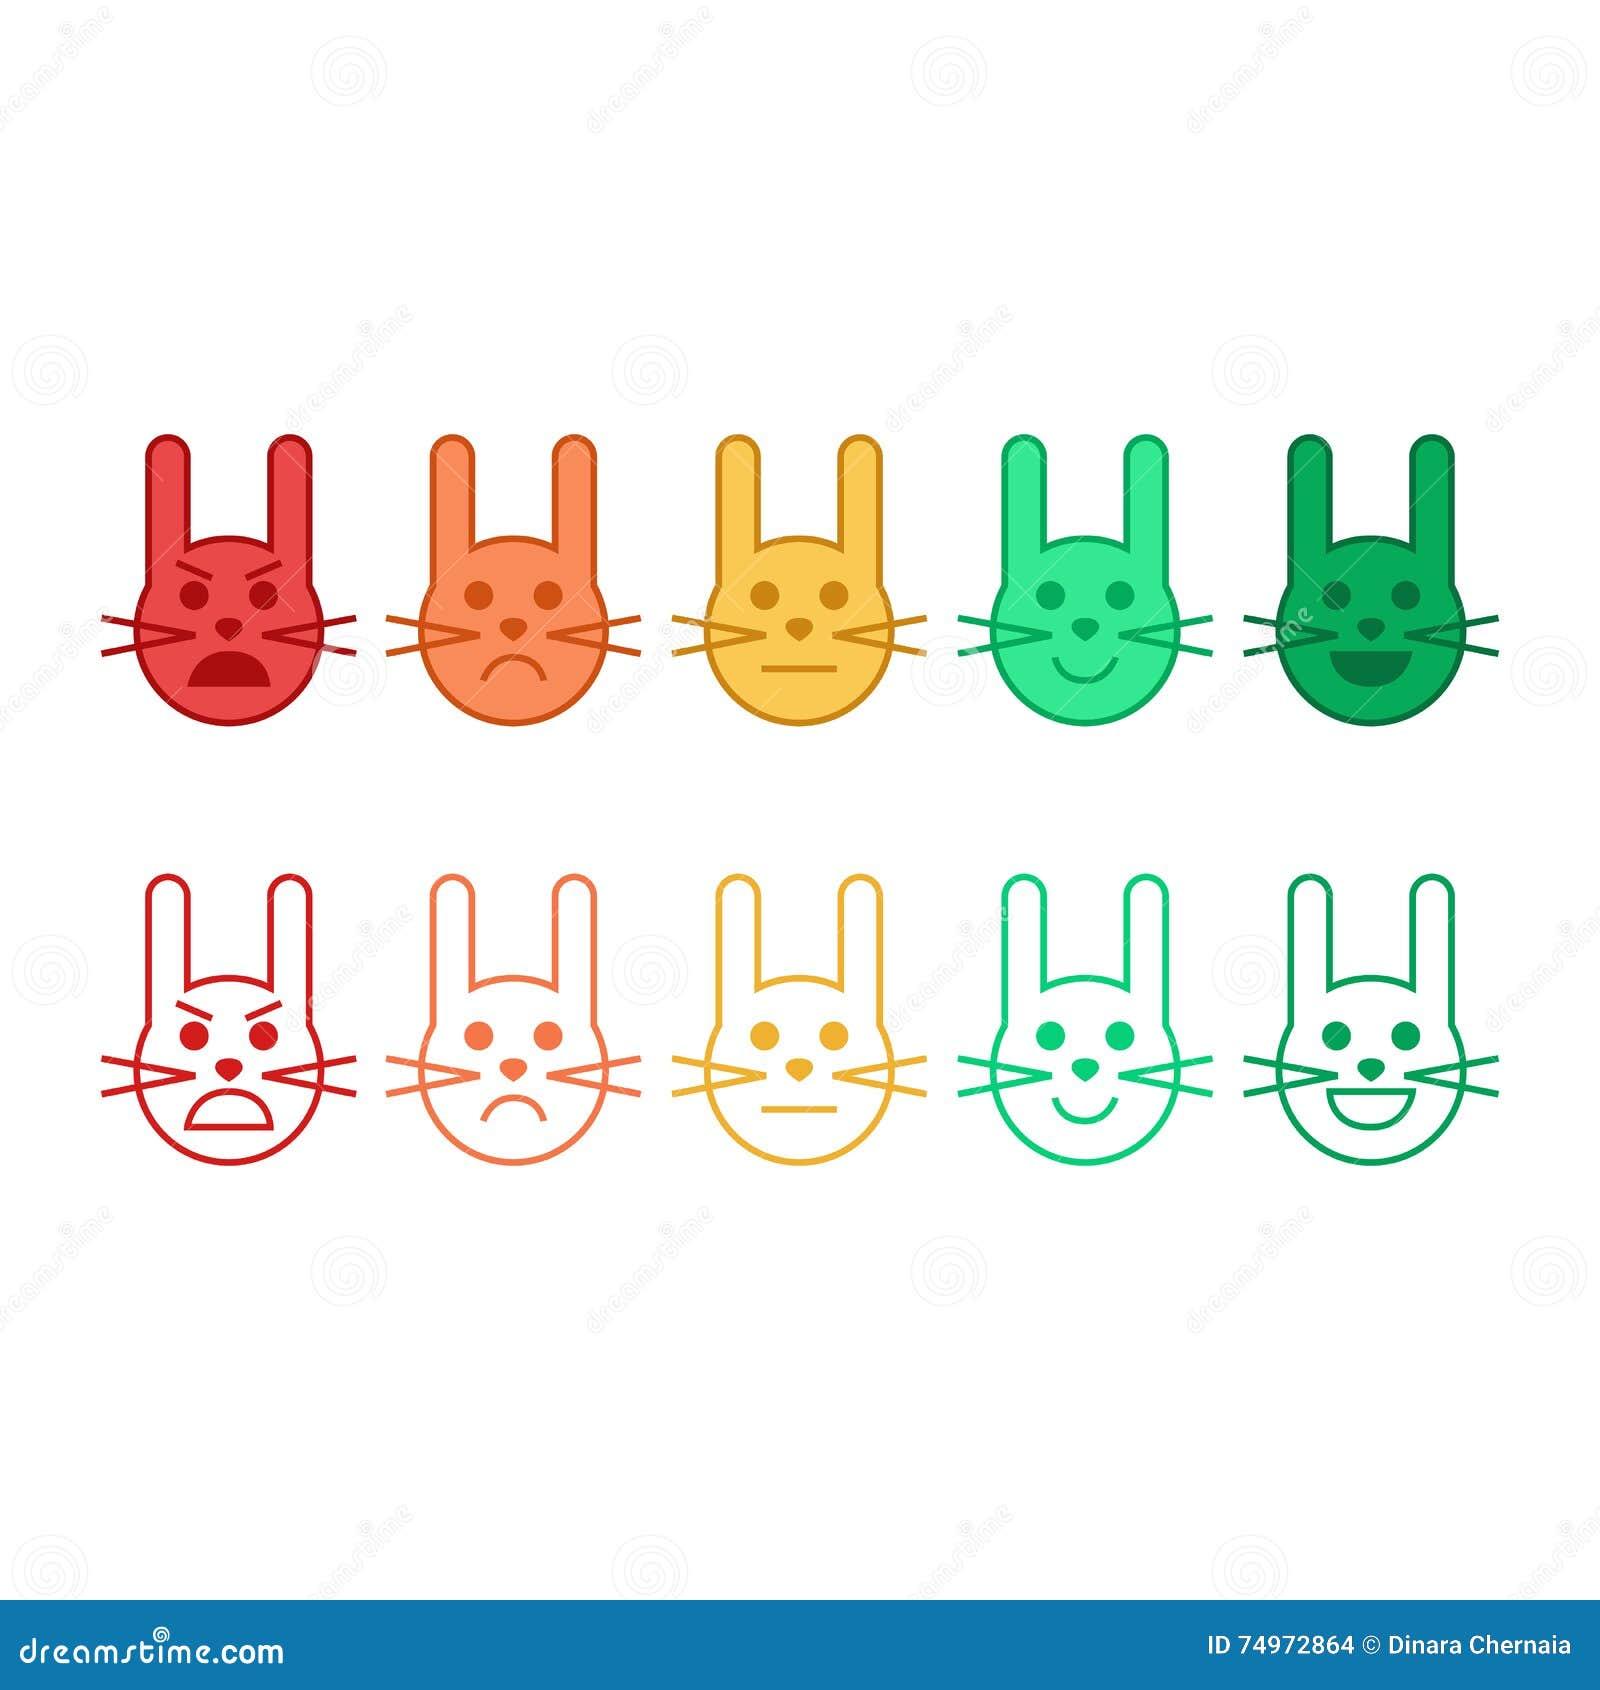 Feedbackvektorkonzept-Kaninchengesicht Feedback in der Form von Gefühlen, smiley, emoji Kundenfeedback